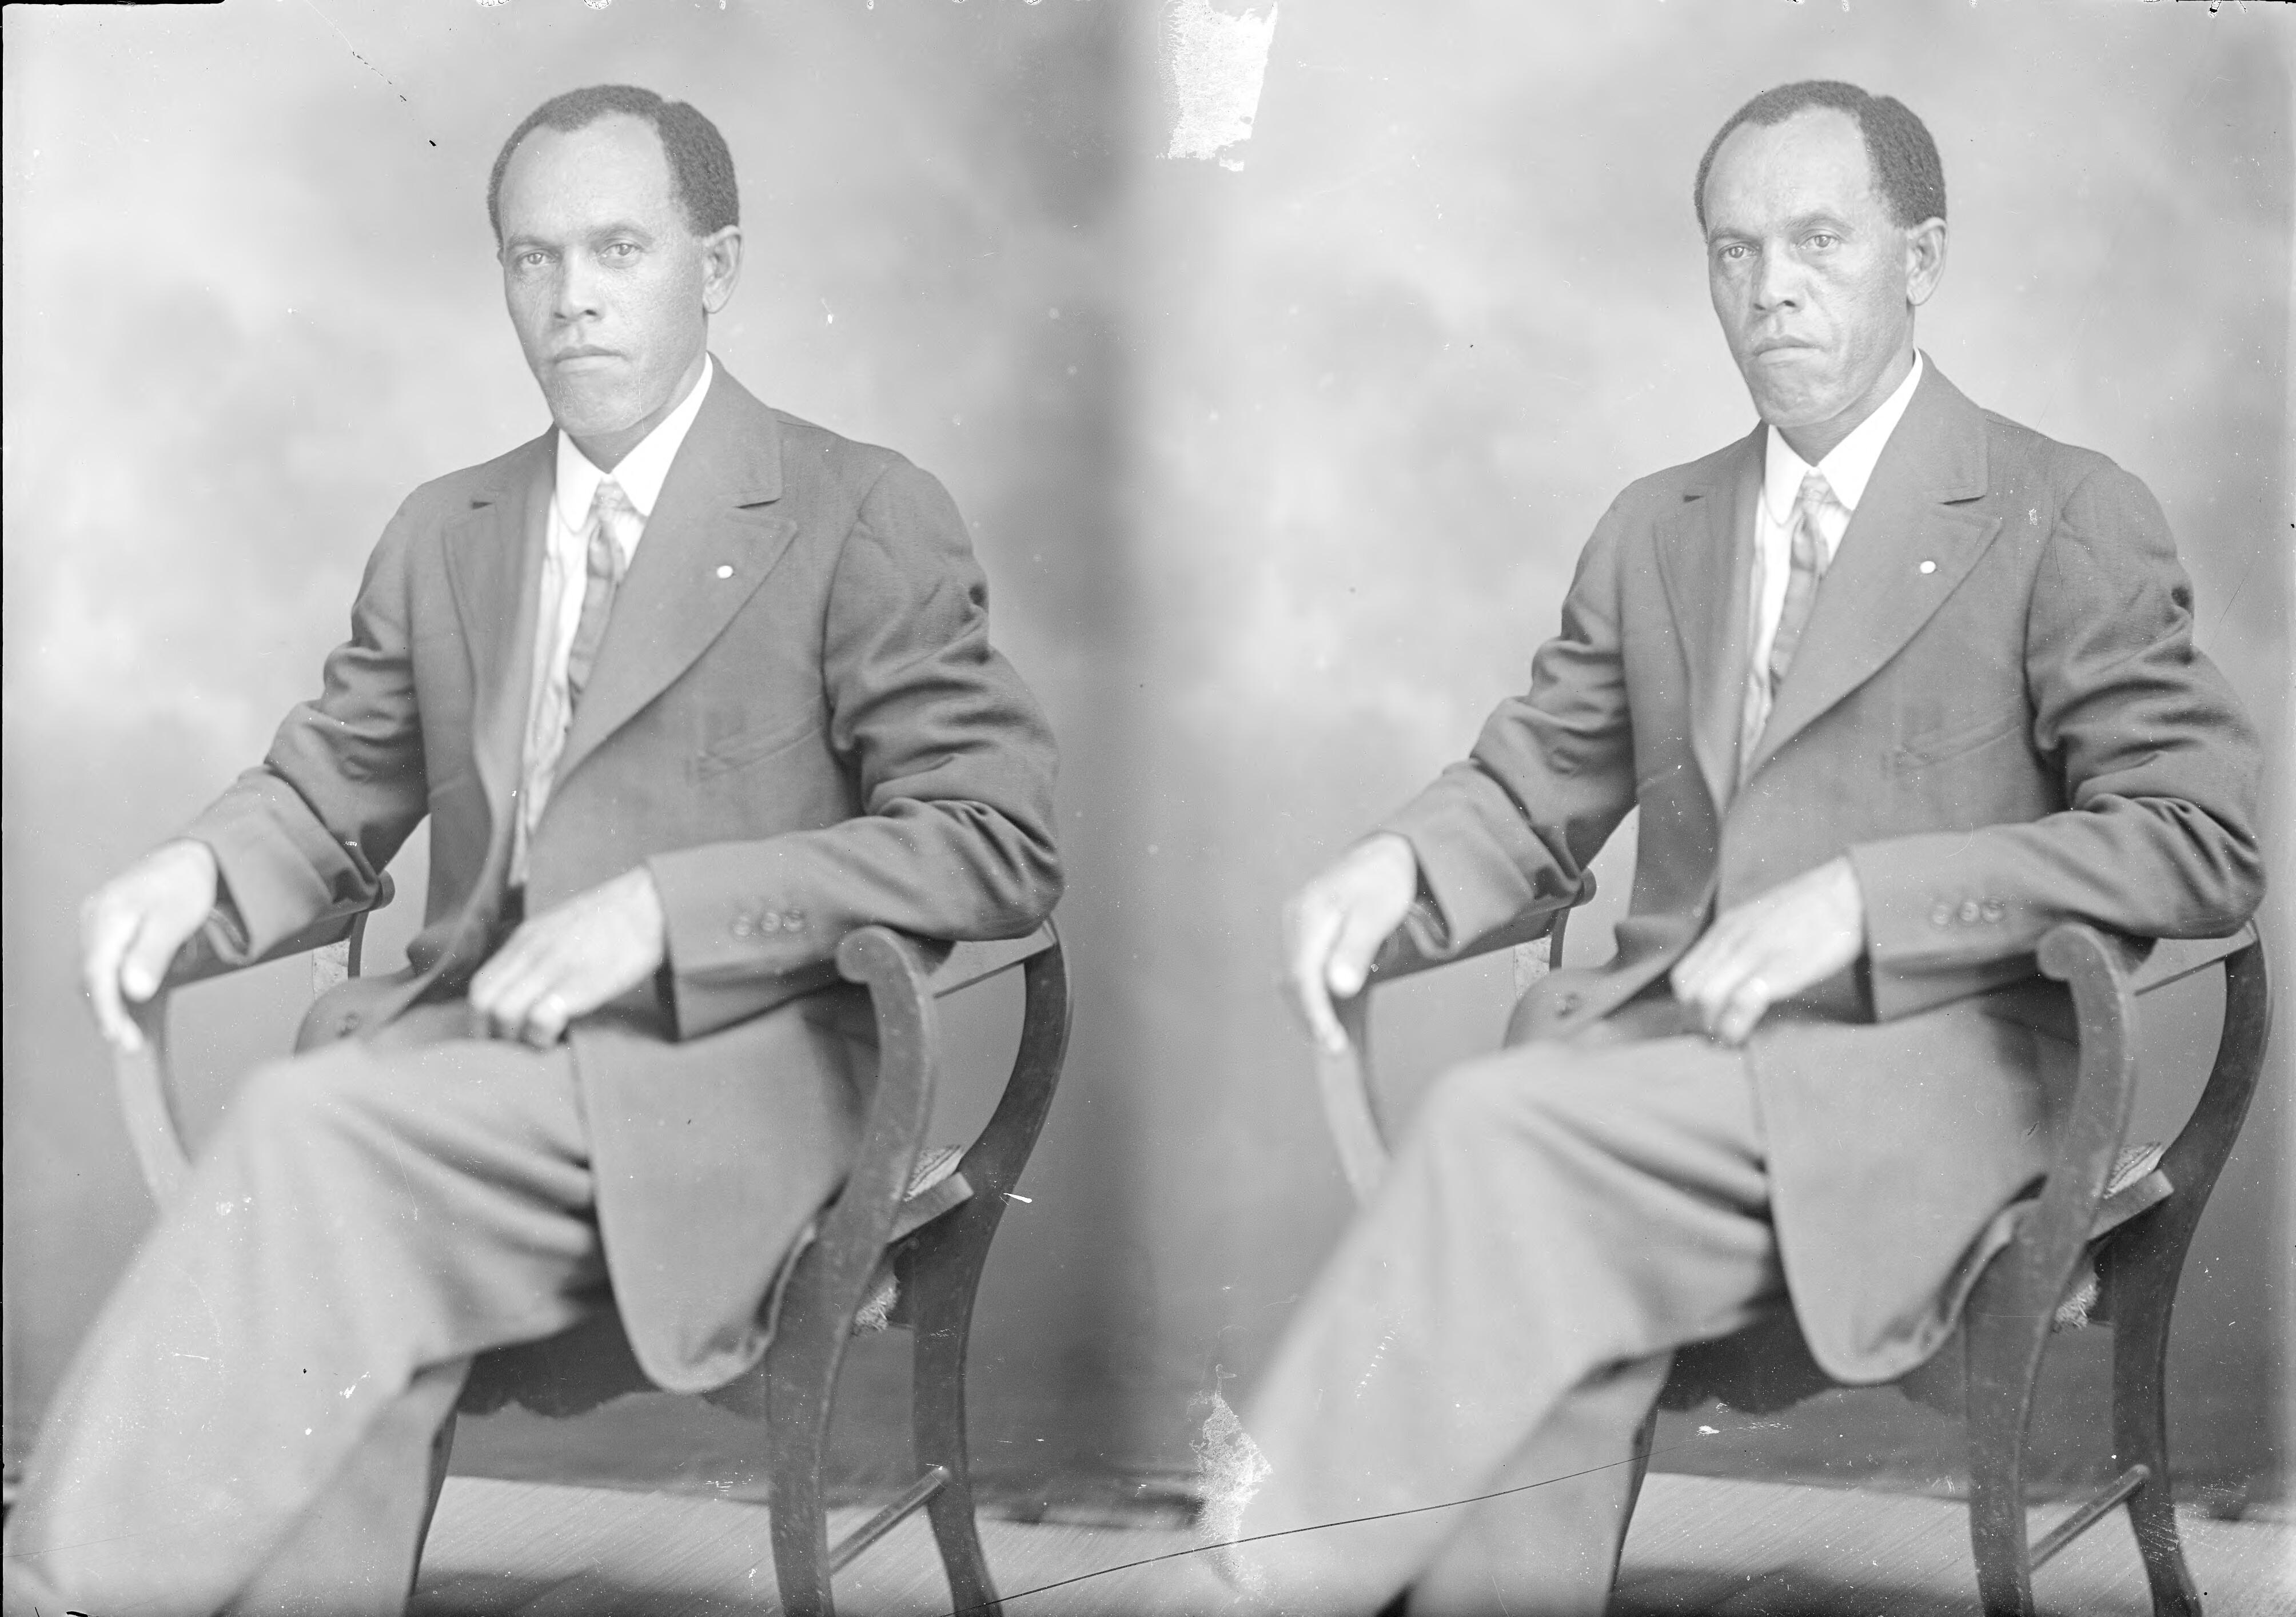 H.E. Miller